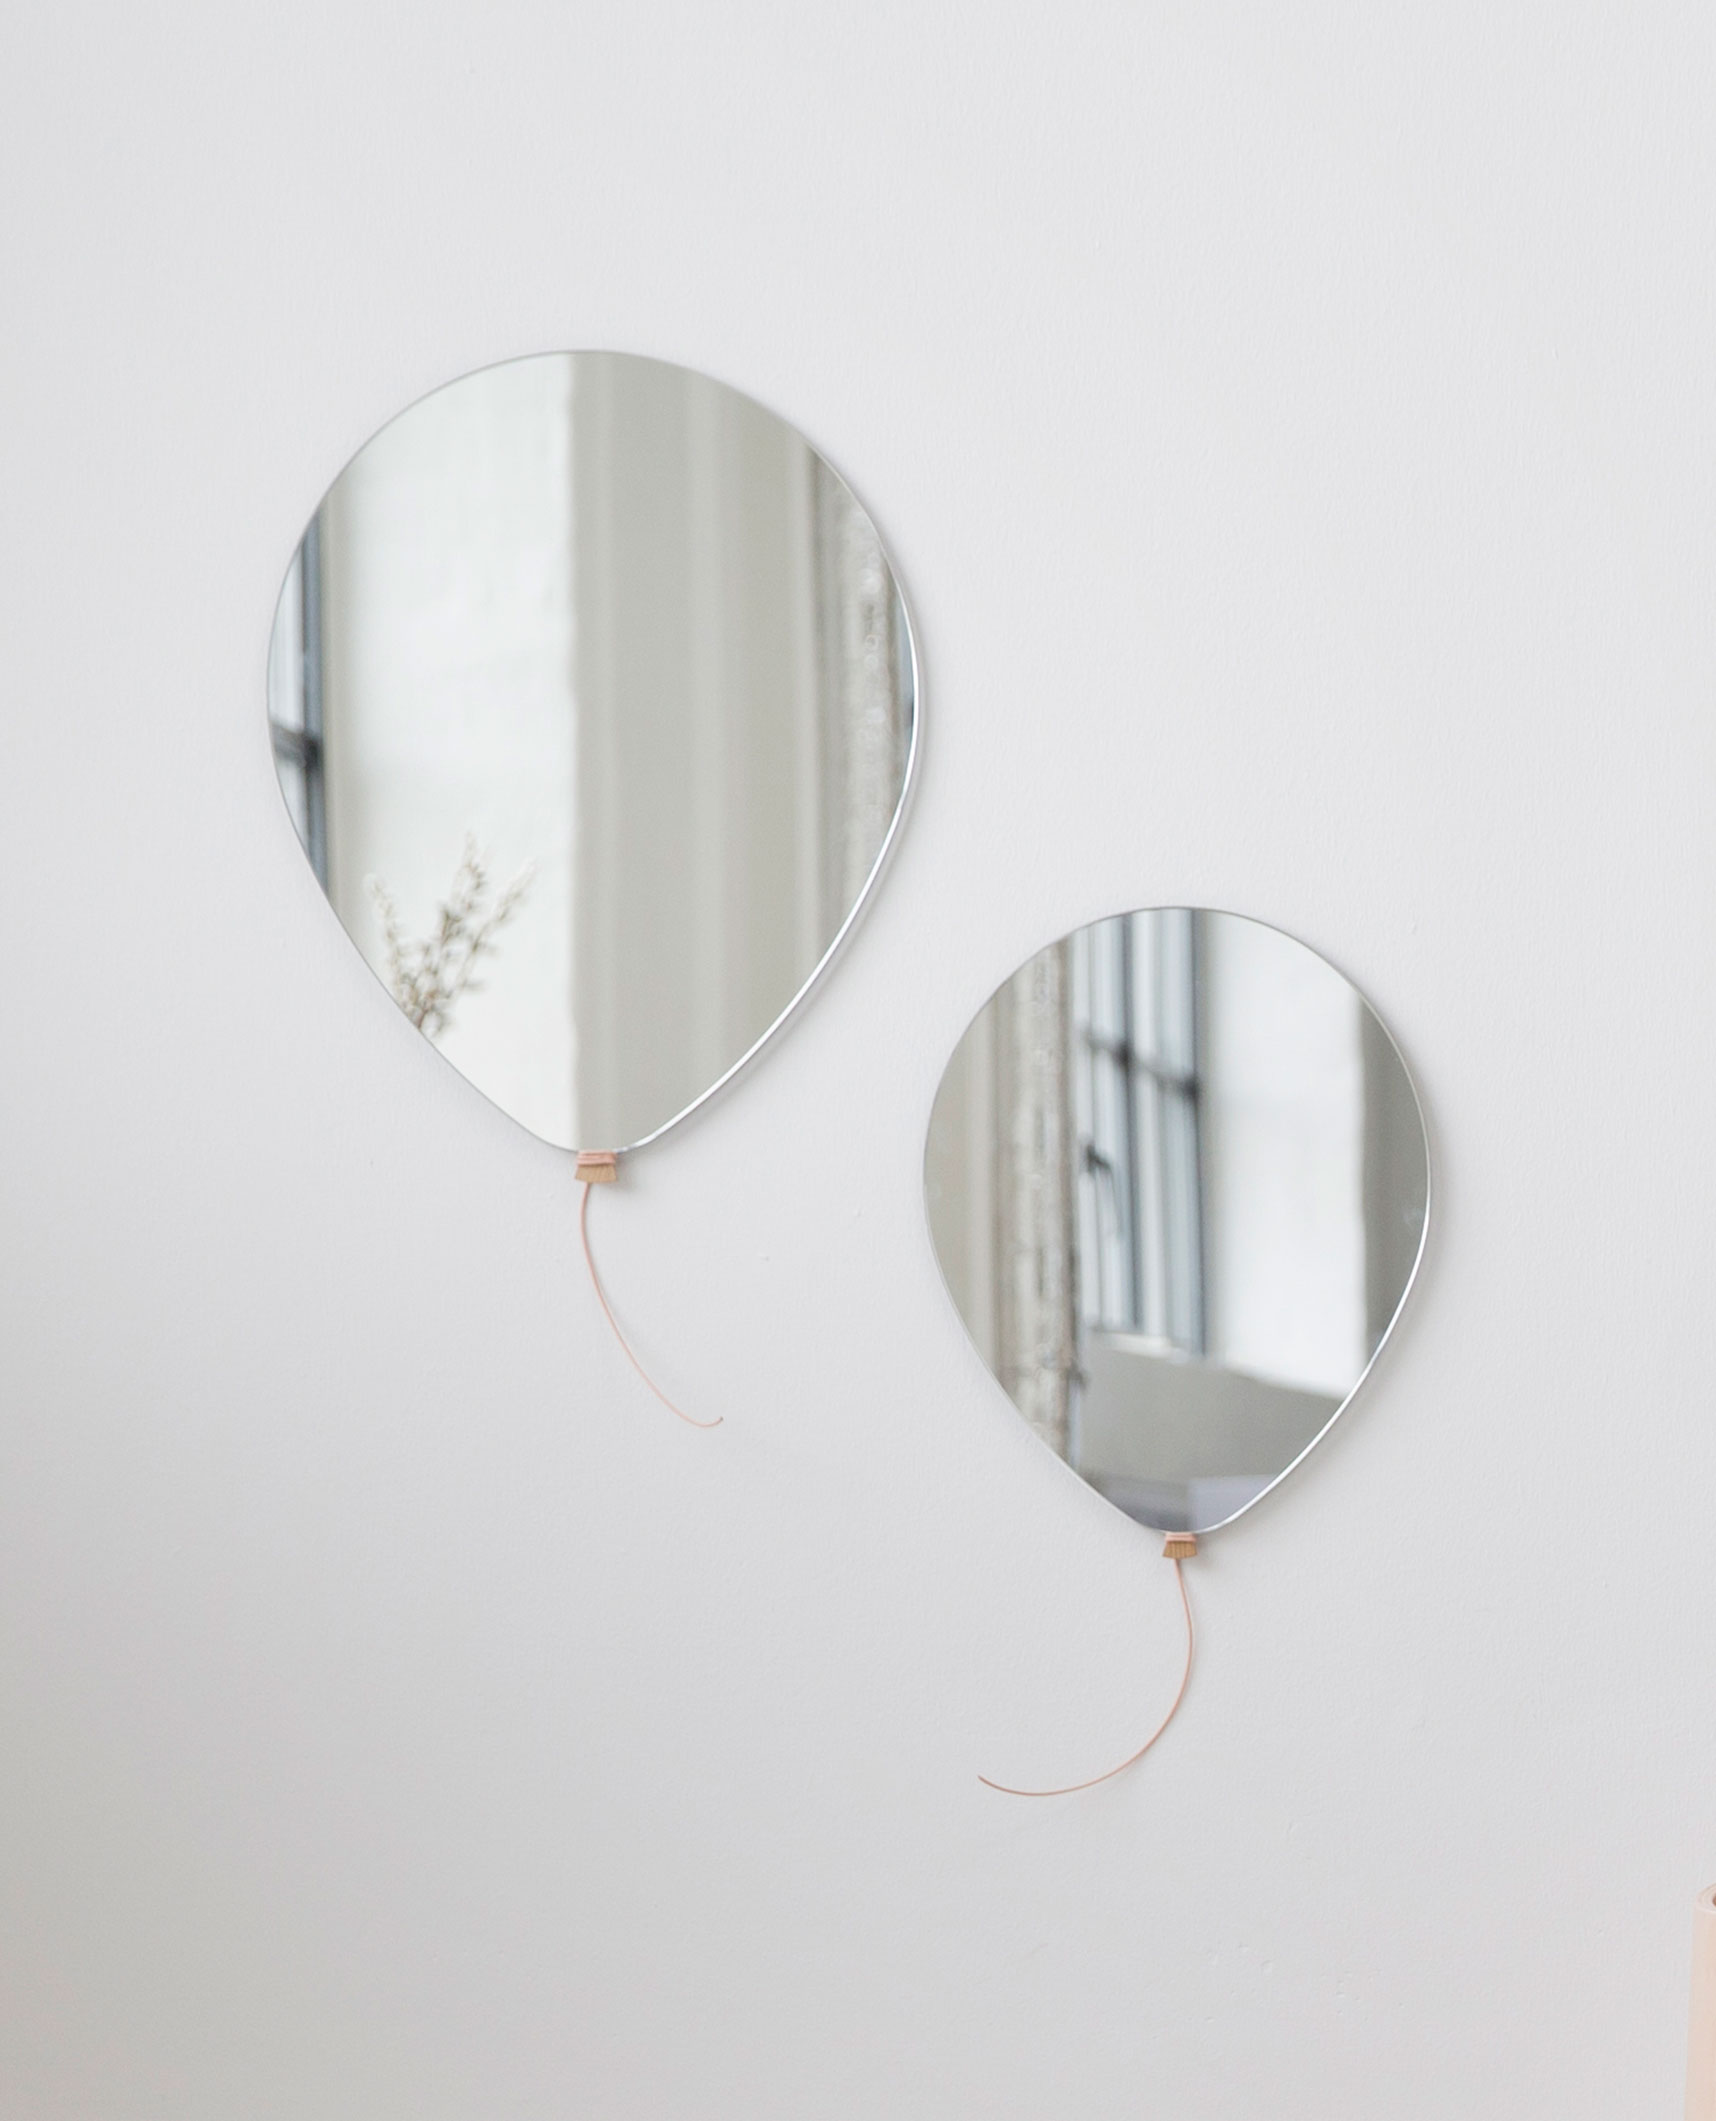 EO_Balloon-mirrors.jpg